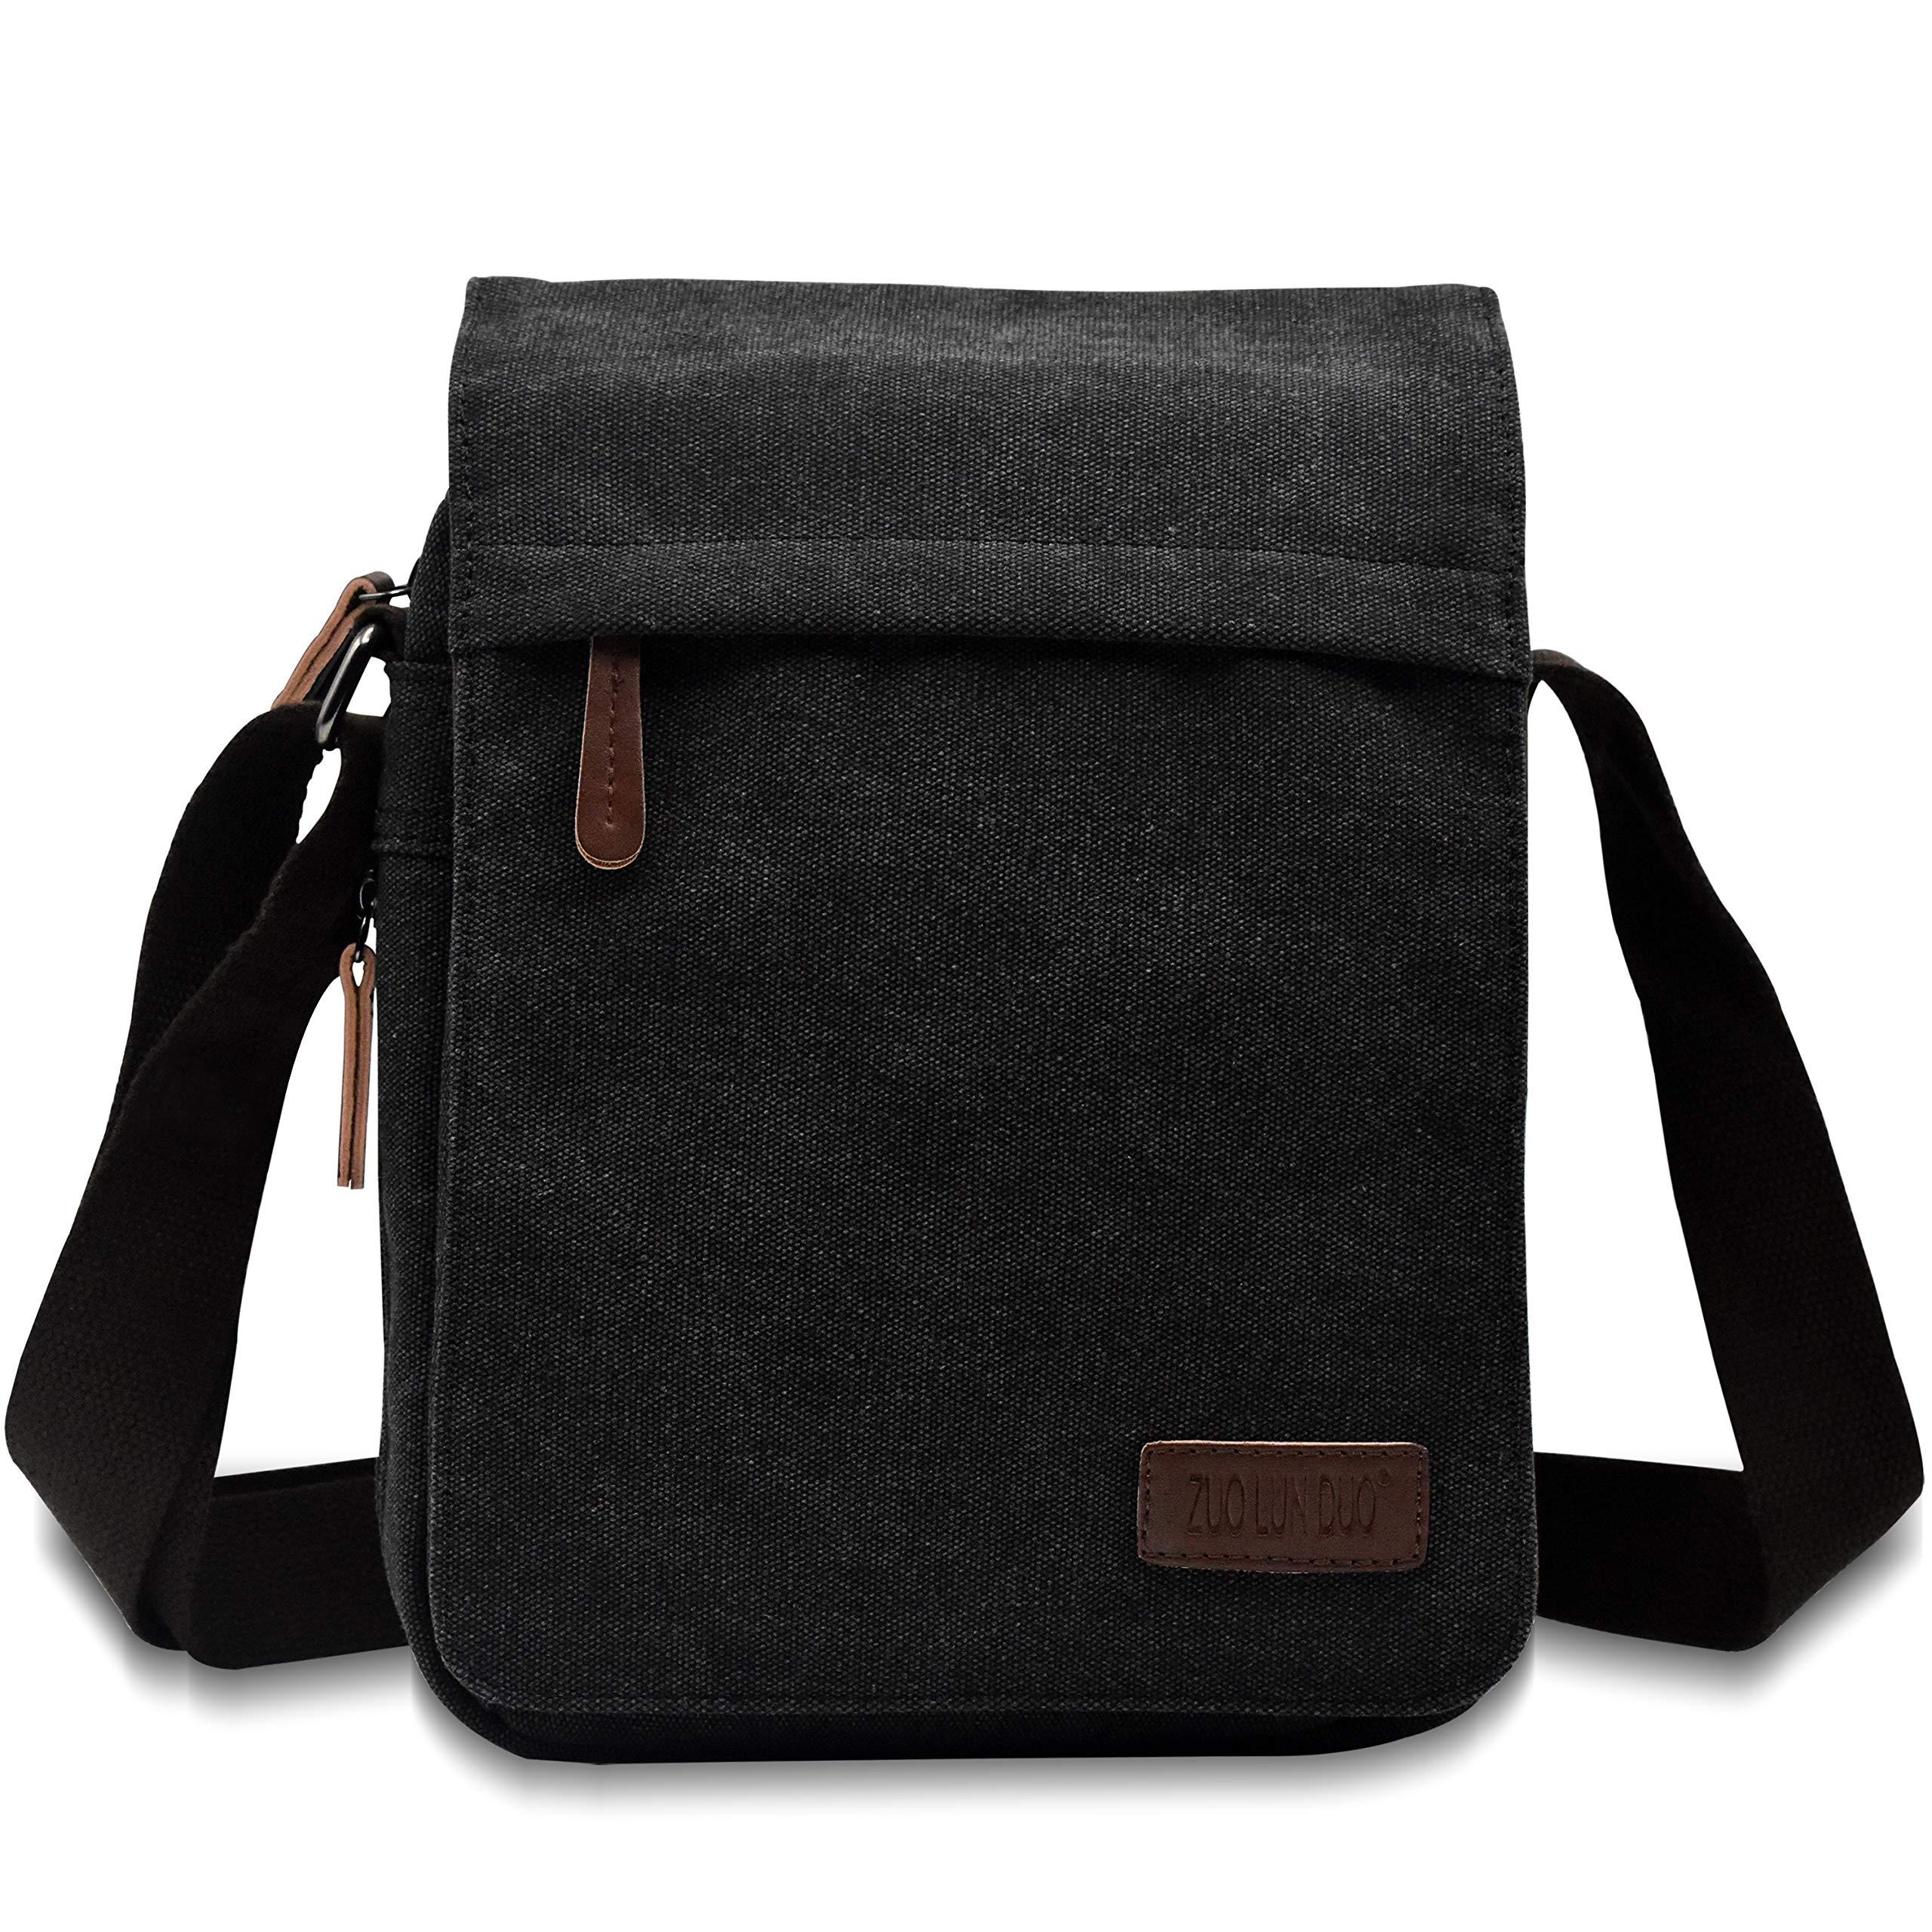 Unisex Multifunctional Canvas Messenger Bag Crossbody Shoulder Bag Travel Bag, Small, Black